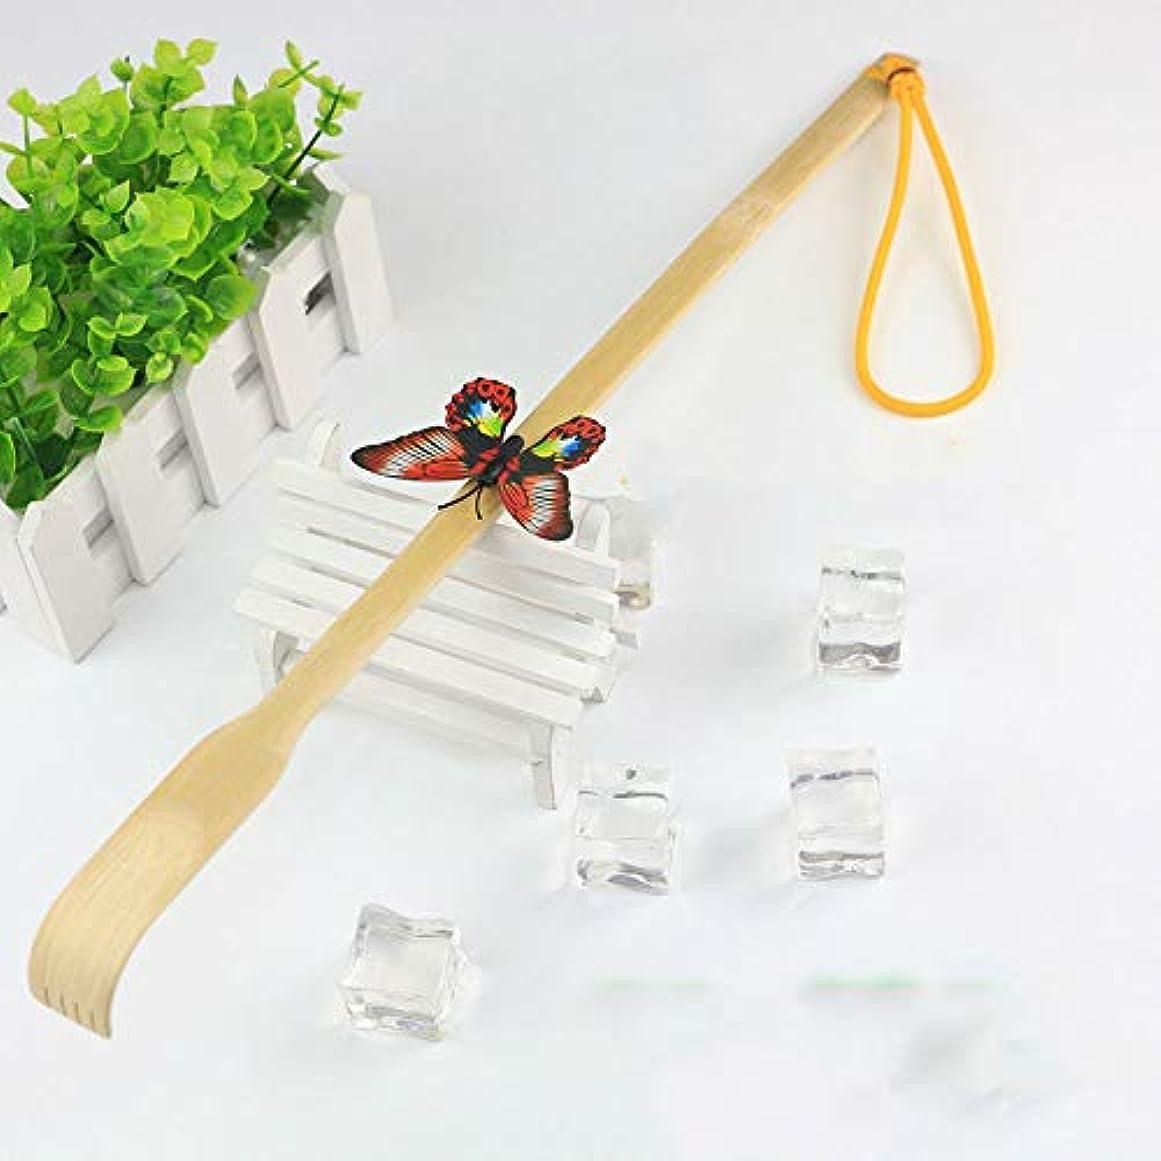 Ruby背中掻きブラシ 木製 まごのて 敬老の日 プレゼント高人気 背中かゆみを止め マッサージ用